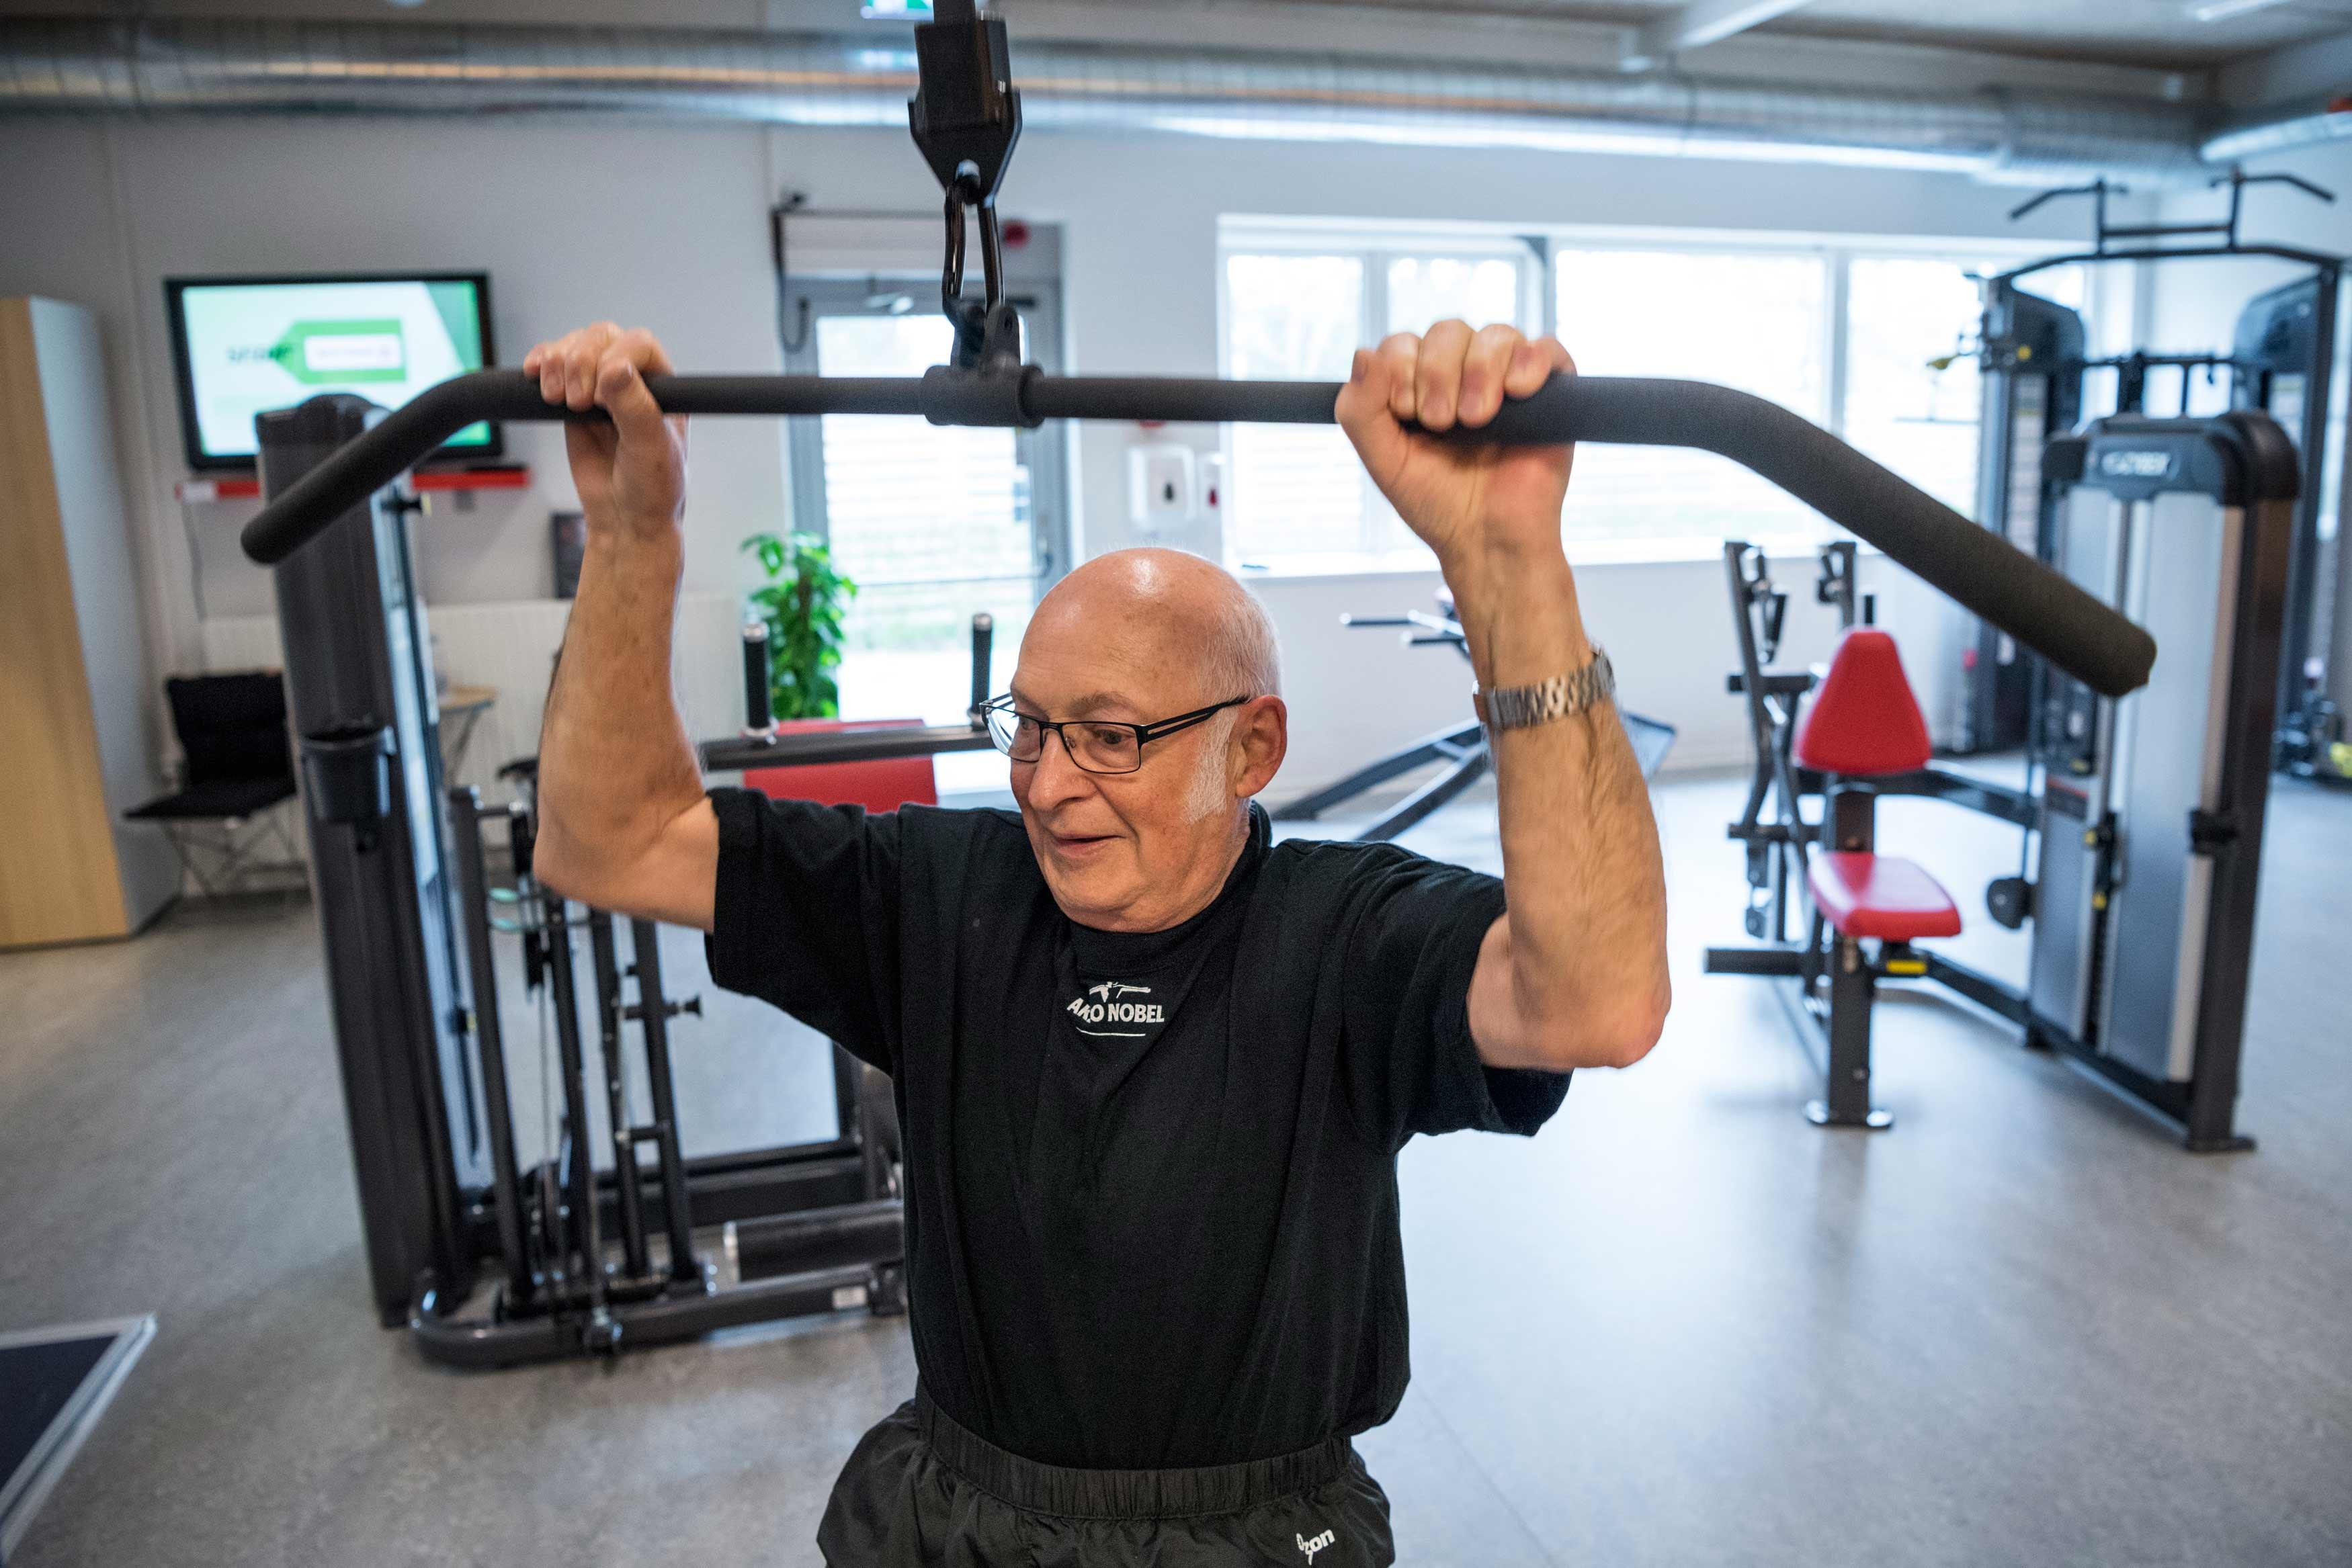 styrketræning redskaber